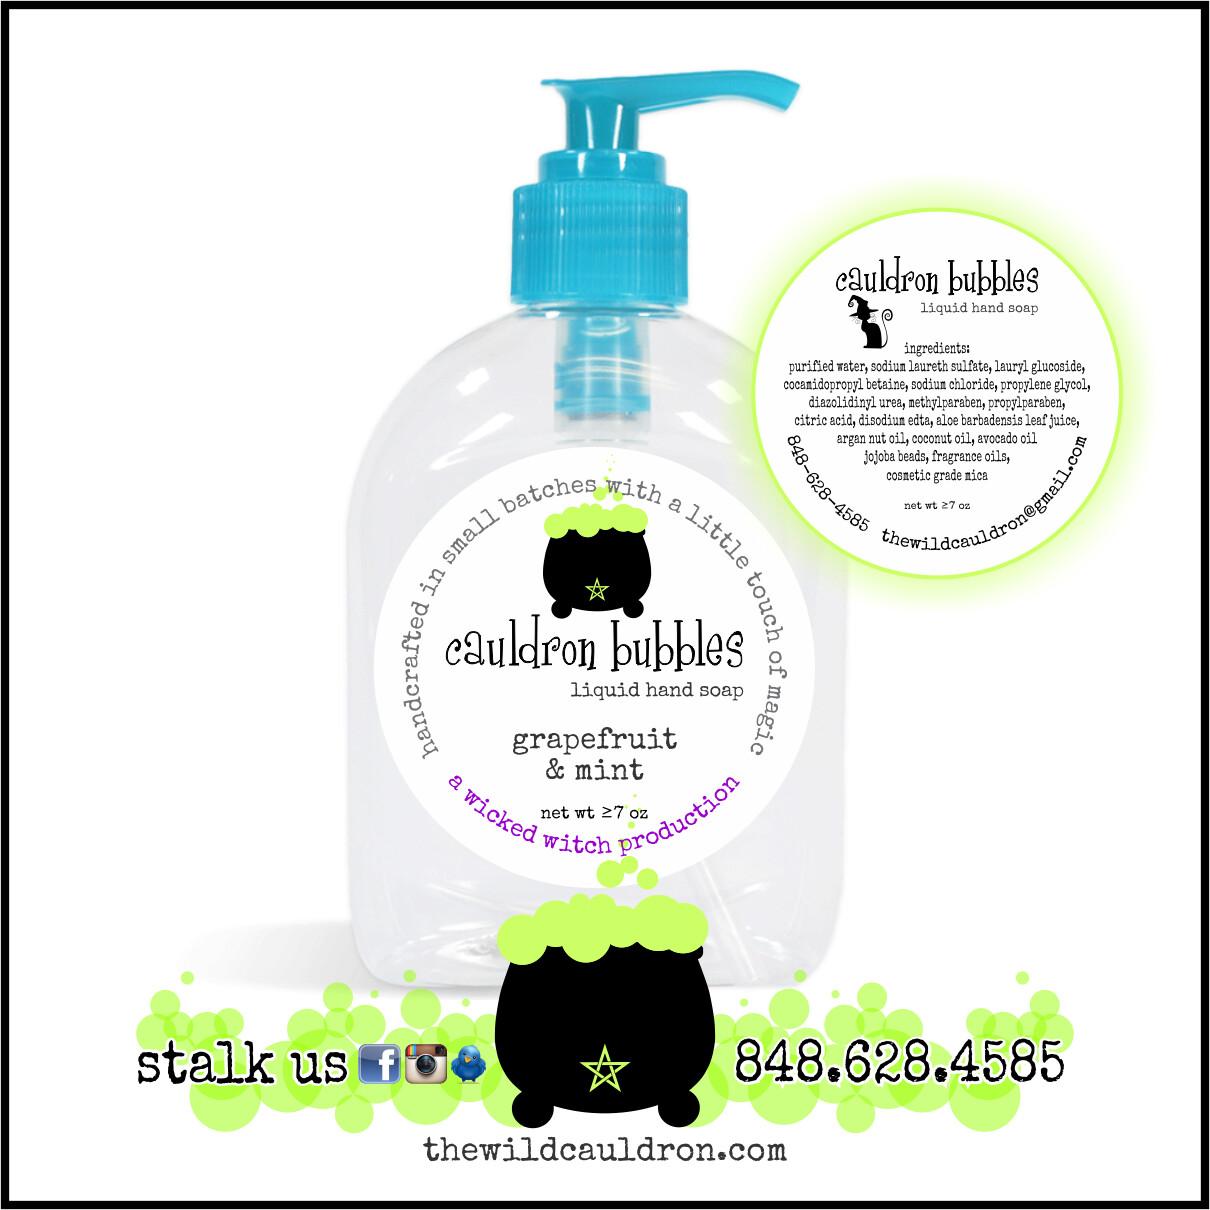 Grapefruit and Mint Cauldron Bubbles Hand Soap